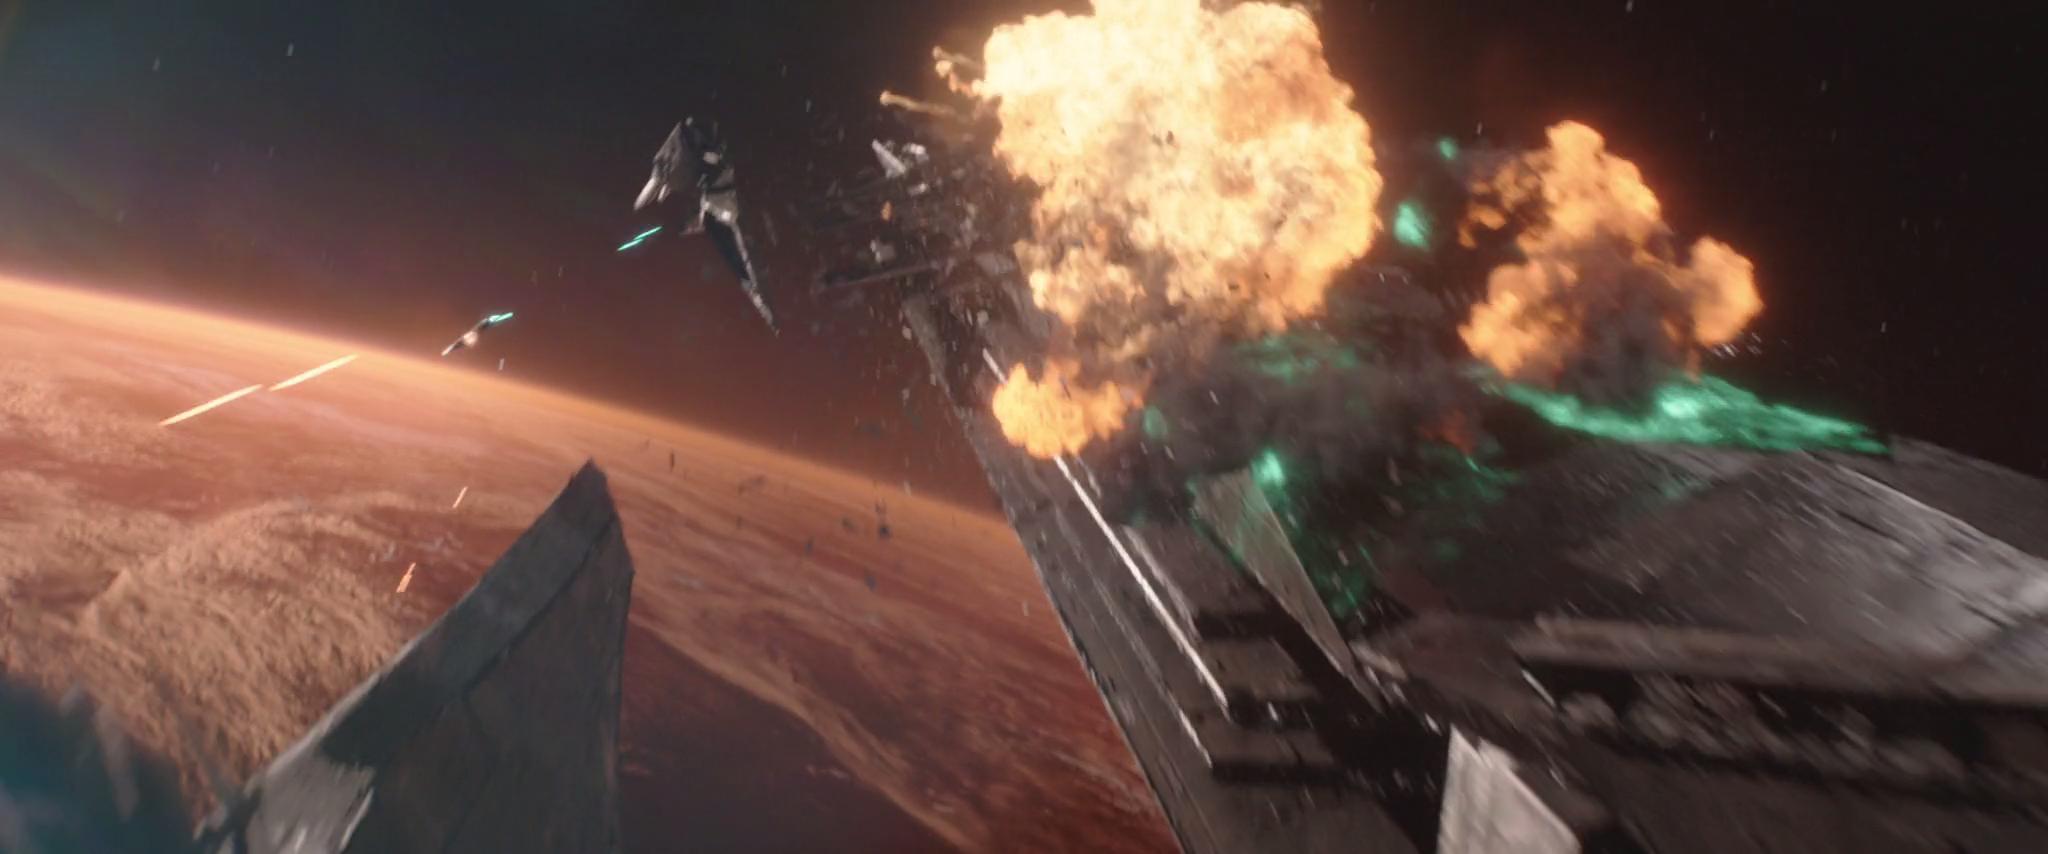 《星际迷航:发现》第3季-视效解析